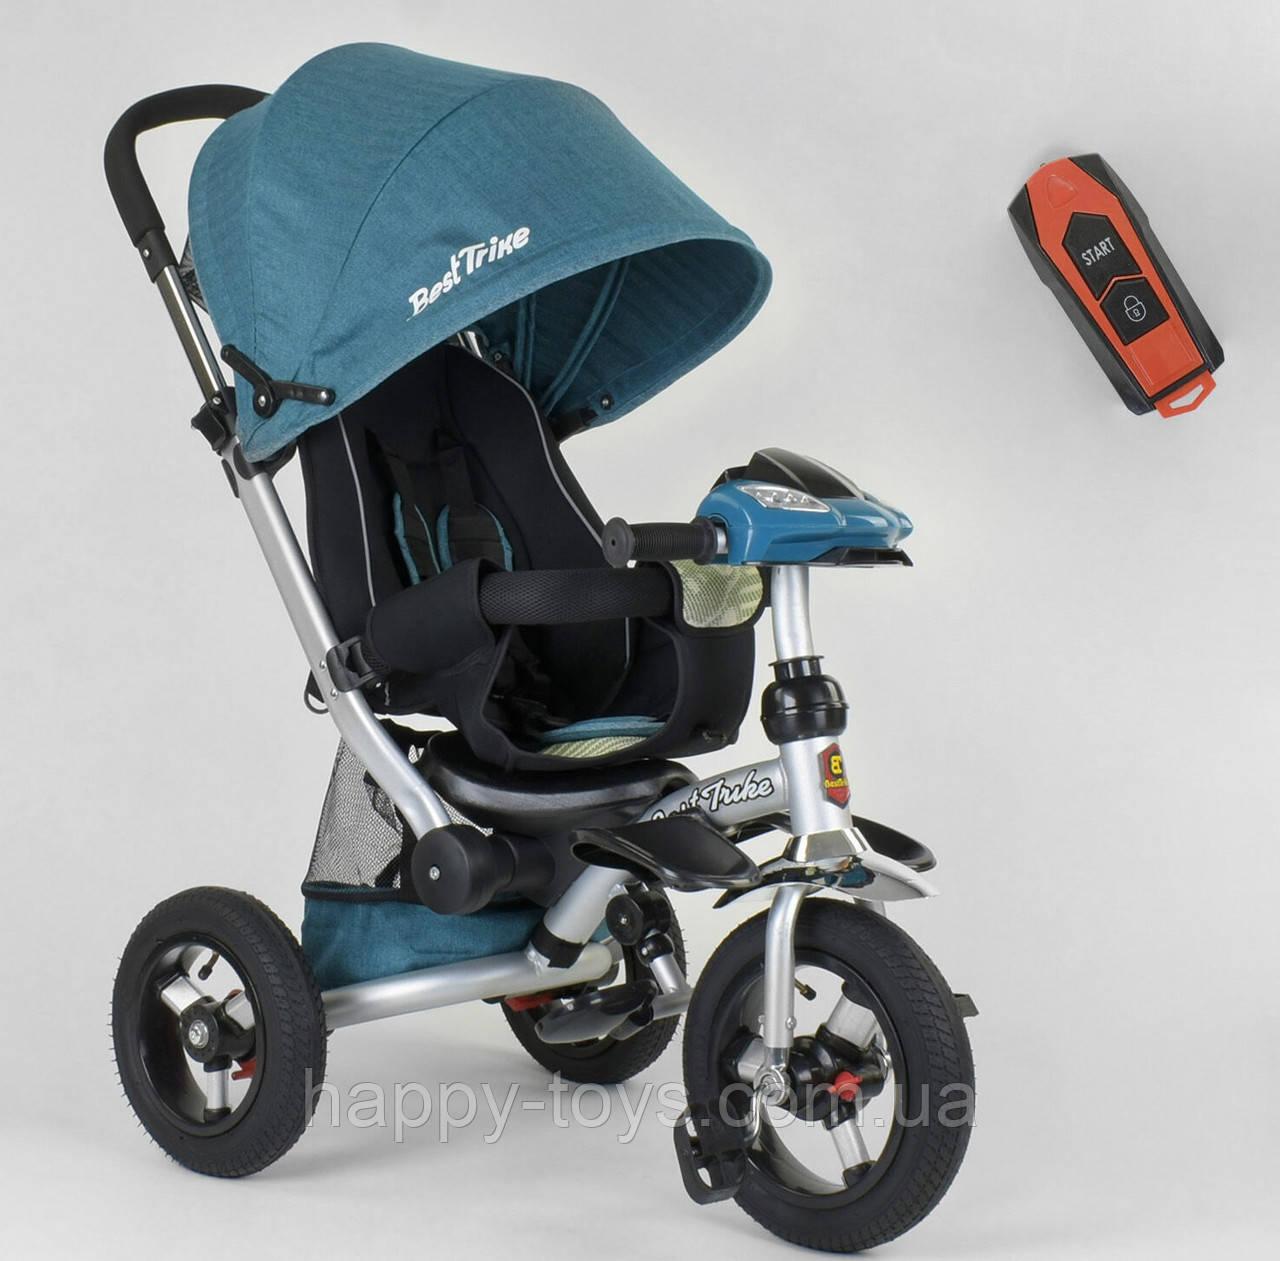 Велосипед 3-х колёсный Best Trike, БИРЮЗОВЫЙ, фара с USB, ручка телескопическая, пульт 698 / 30-505